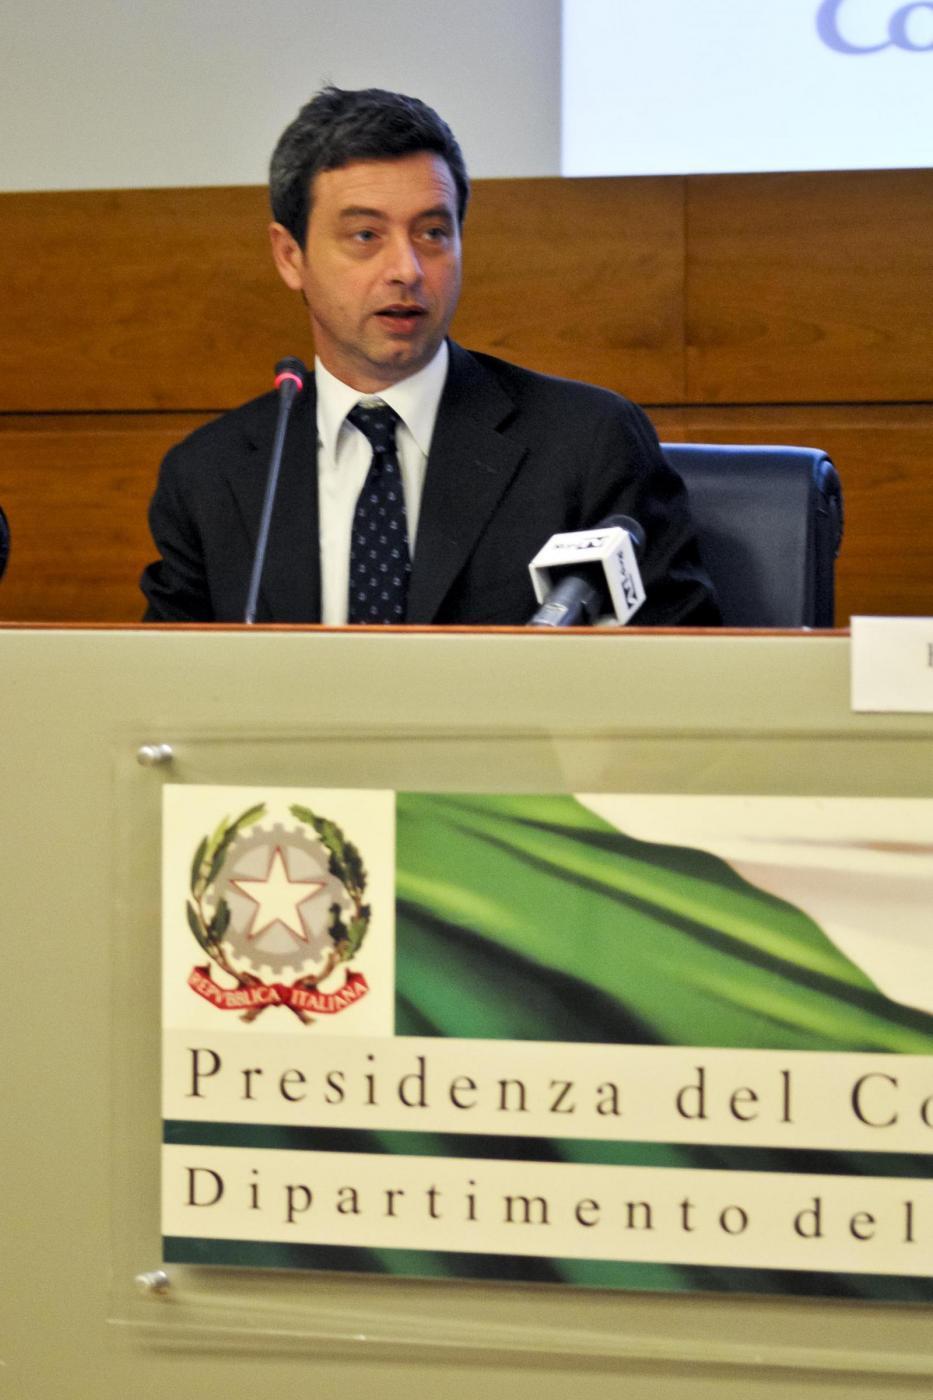 Maltempo in Liguria, ministro Orlando chiede stato d'emergenza